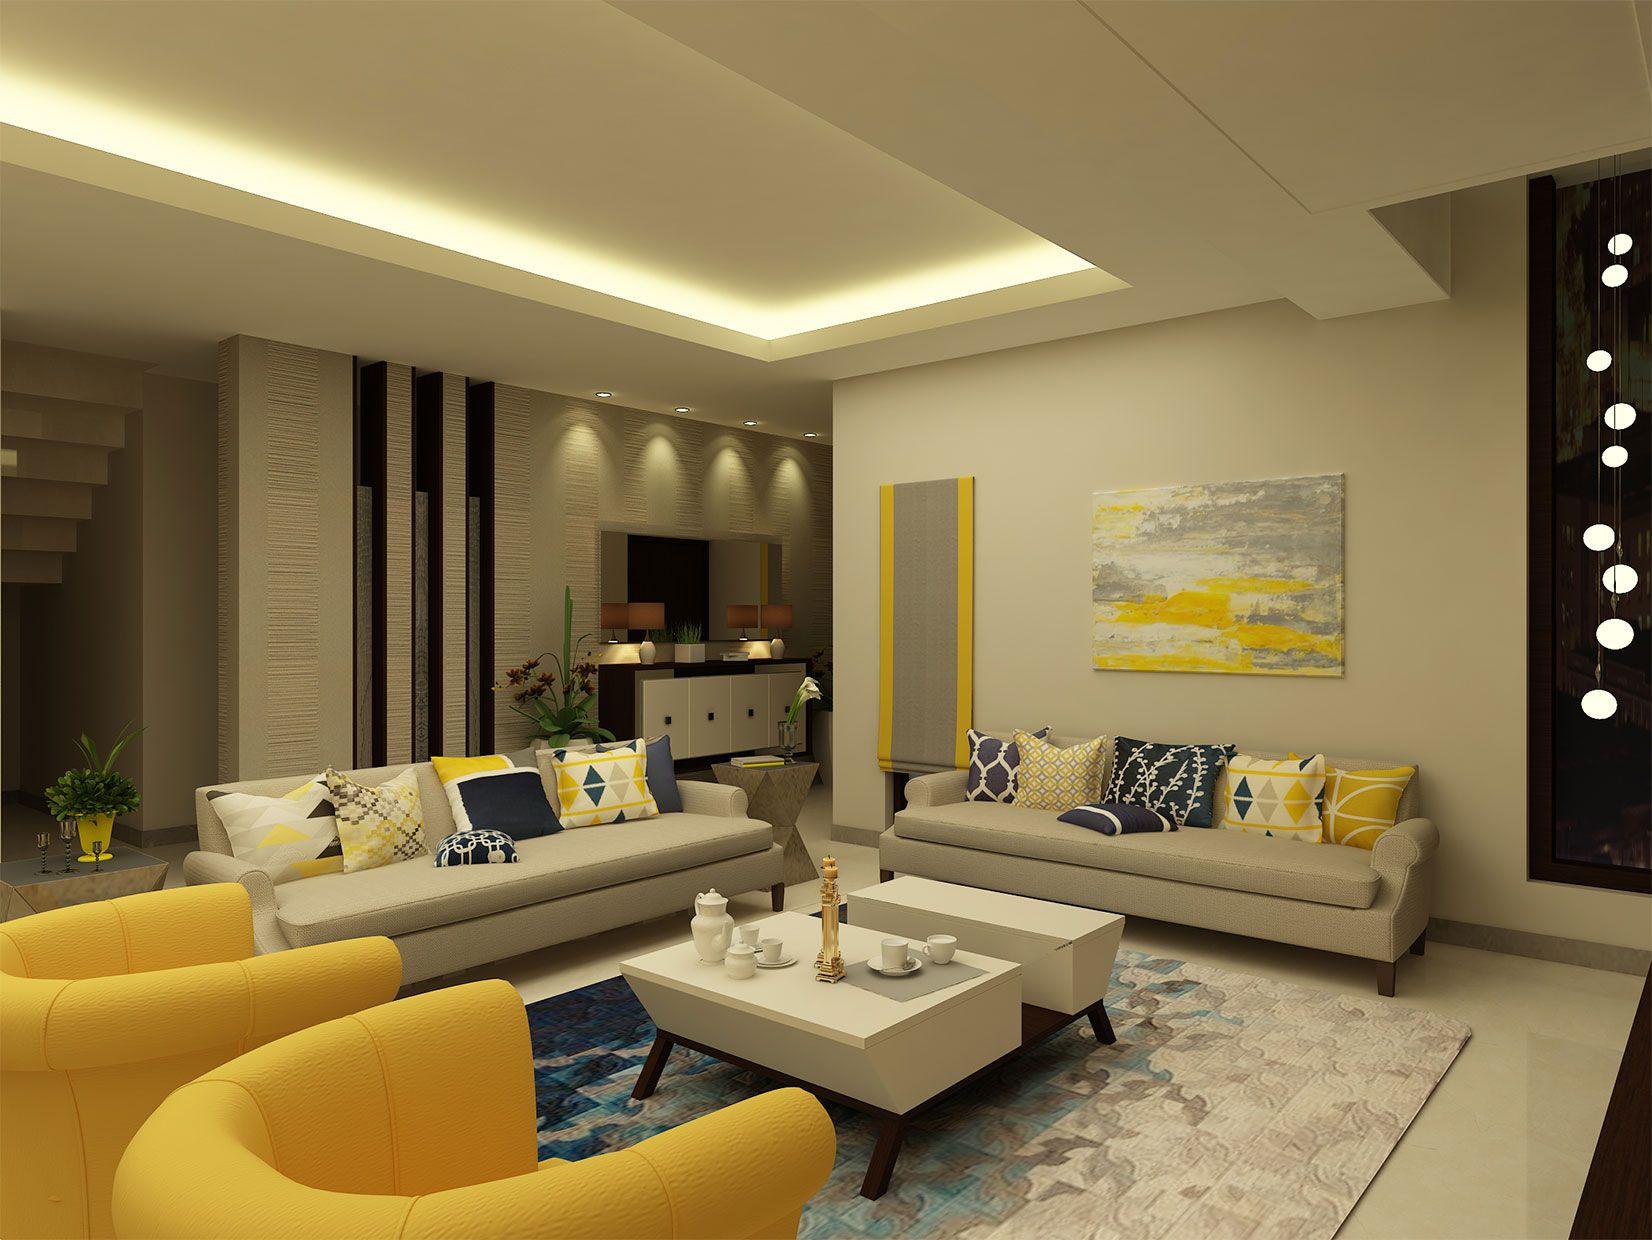 Pin By Rohit Raj On Bookshelves Ceiling Design Living Room Modern Furniture Living Room Modern Living Room Wall